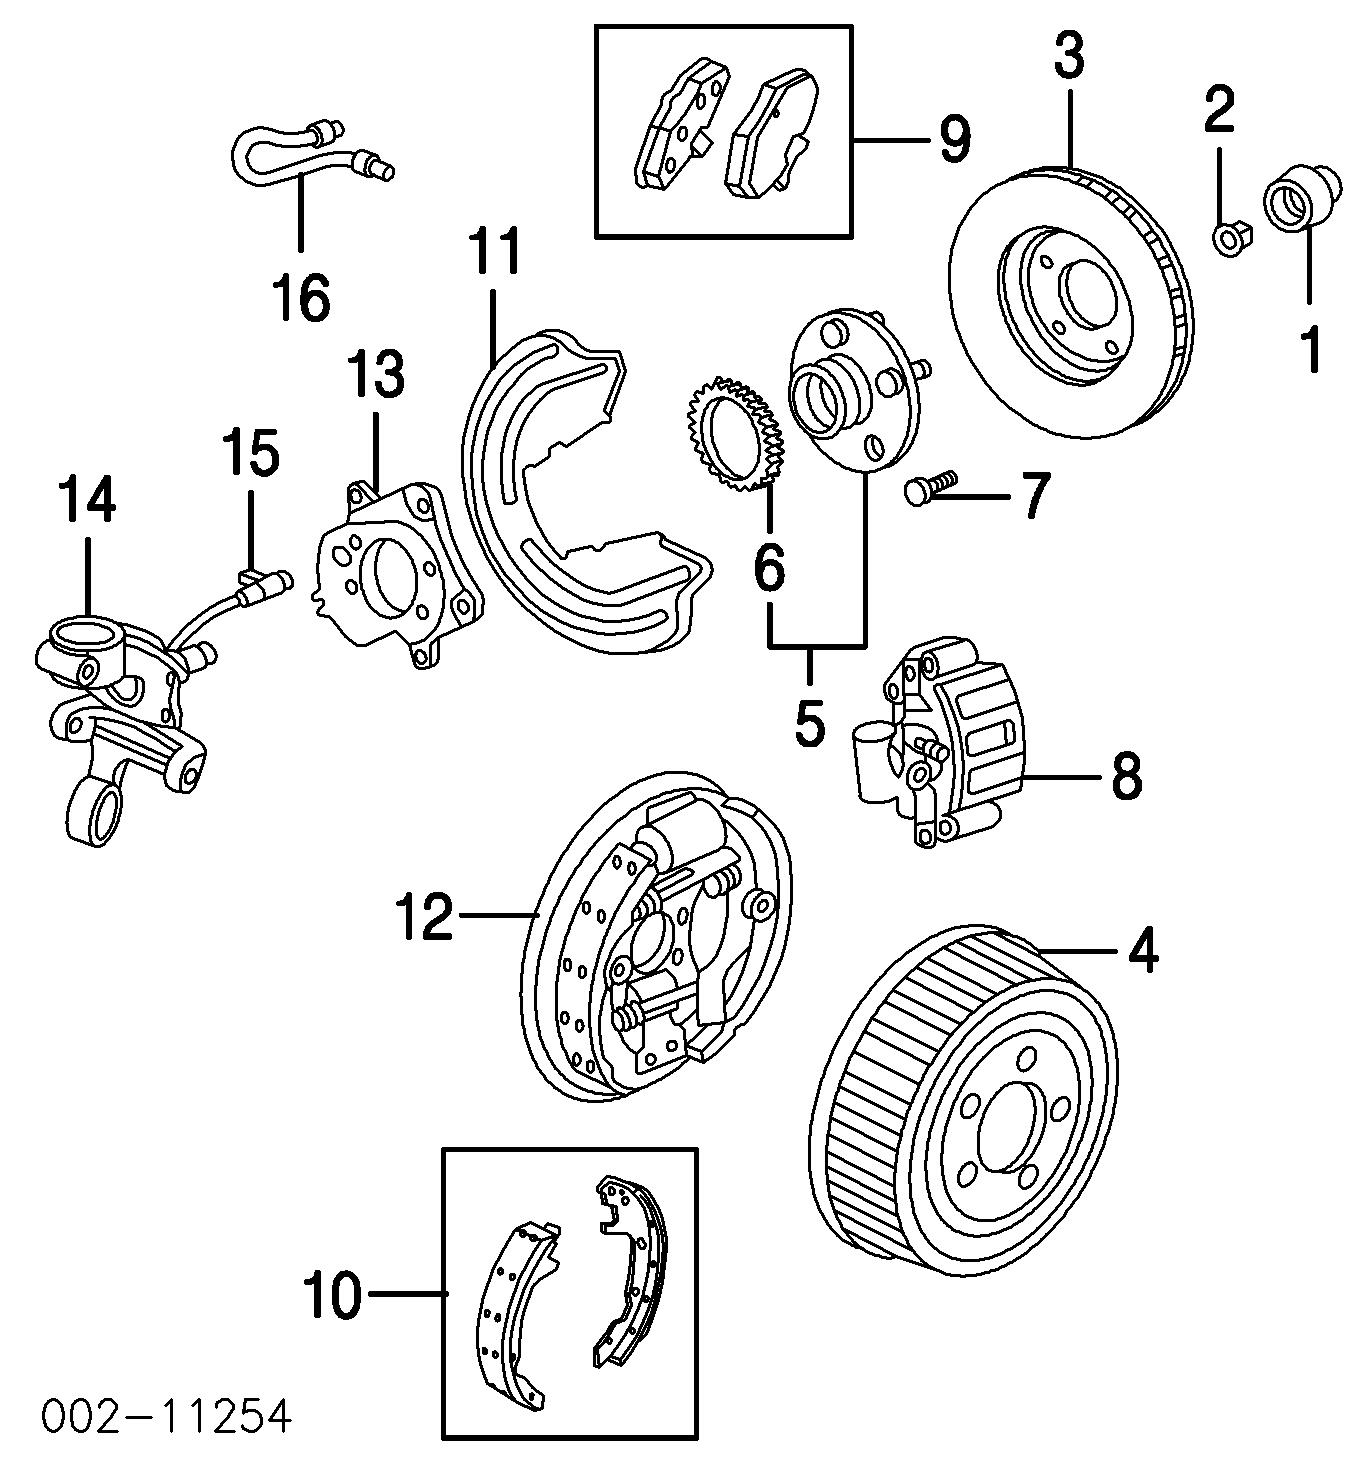 hight resolution of rear suspension